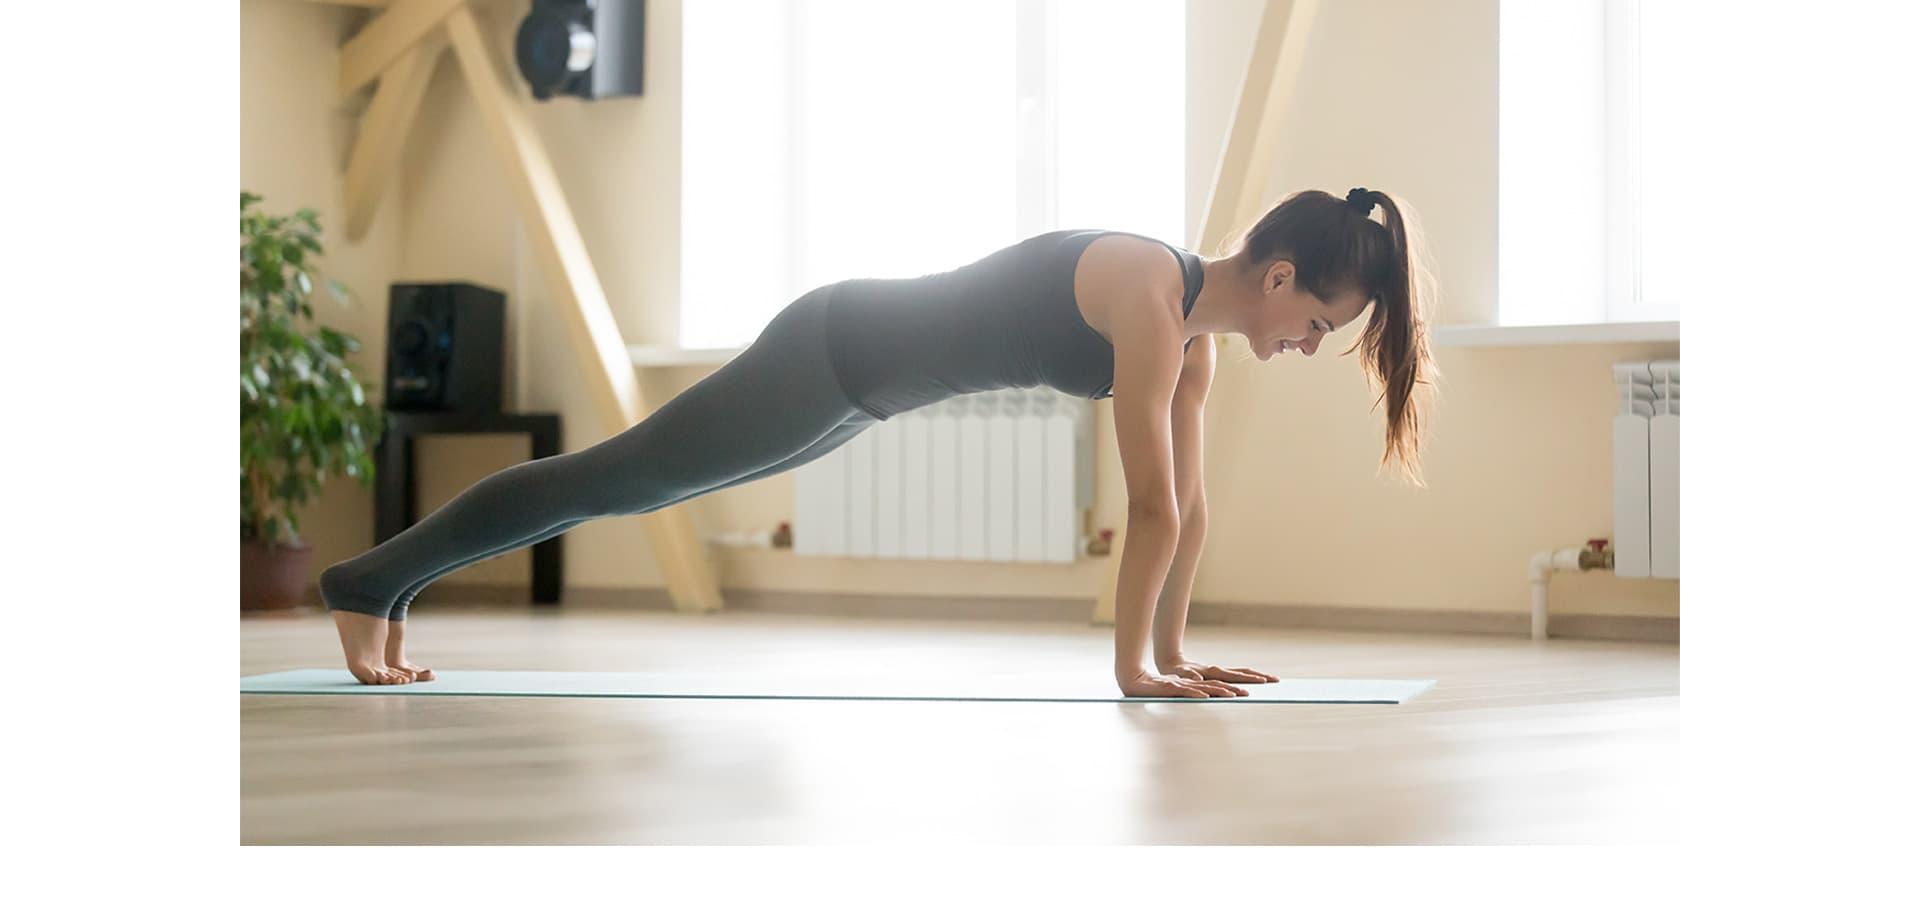 9 Exercices Pour Garder La Forme A La Maison Envie De Plus